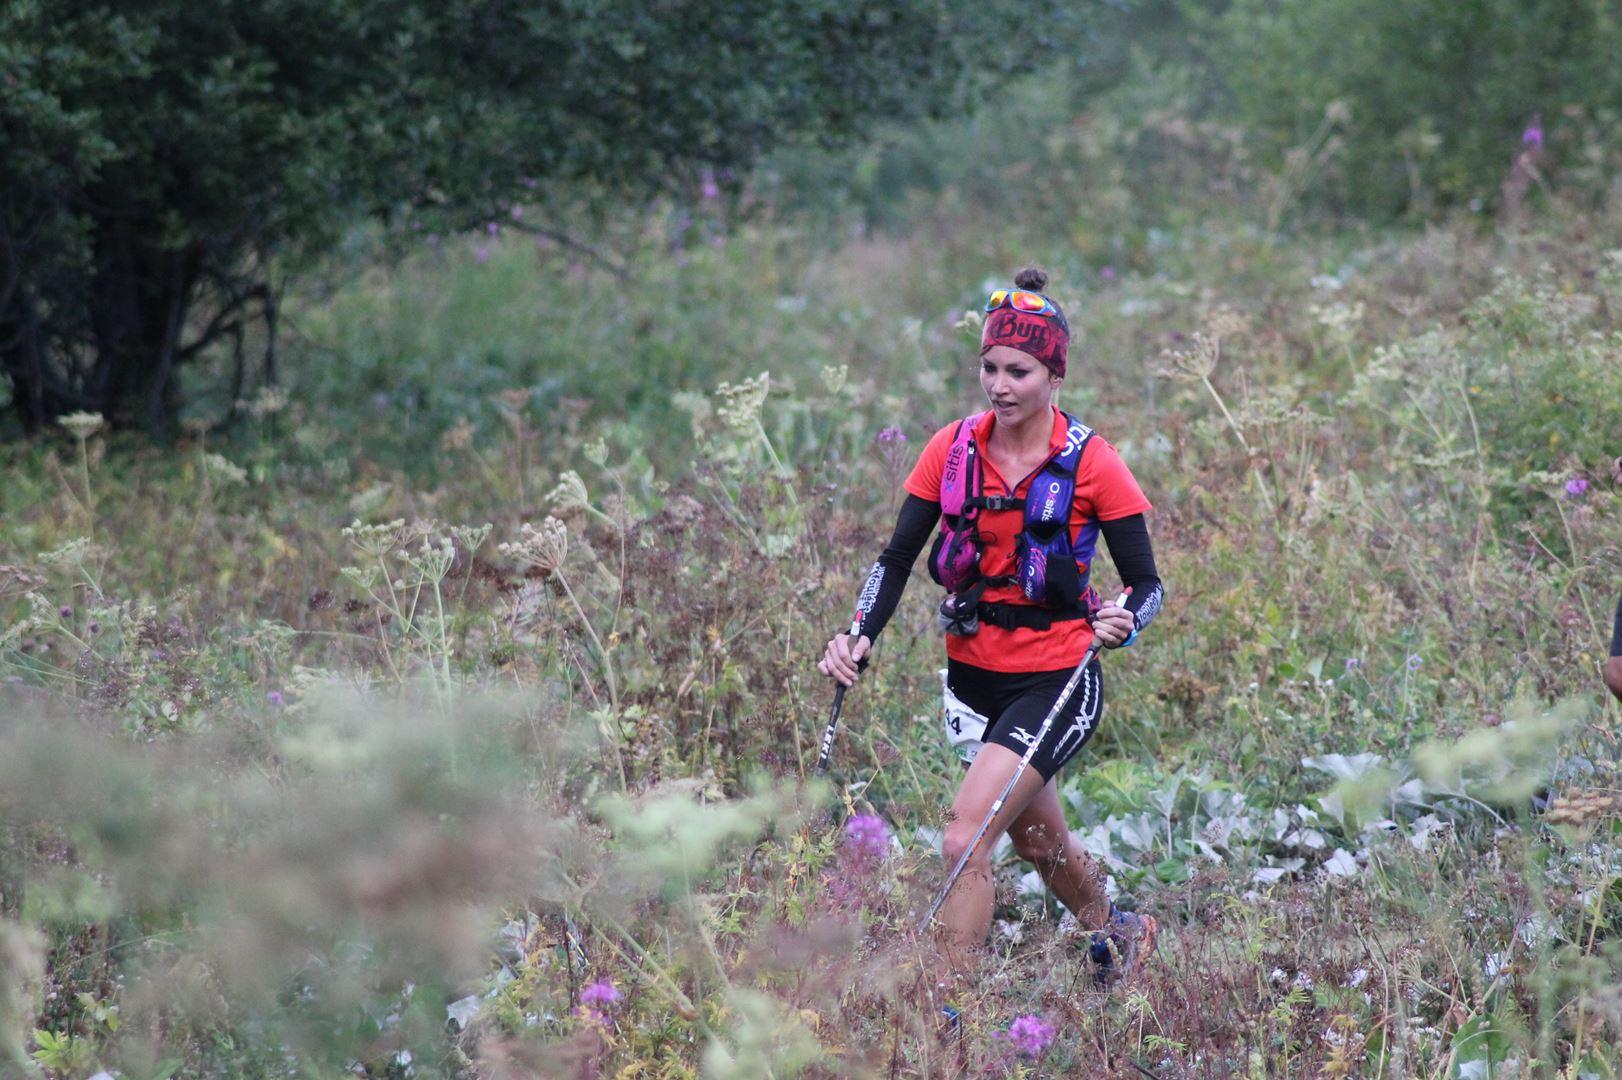 copie 0 Lucie Bidault remporte le trail du Galibier - RESULTATS , COMPTE RENDU ET PHOTOS DU TRAIL DU GALIBIER 21-08-2016